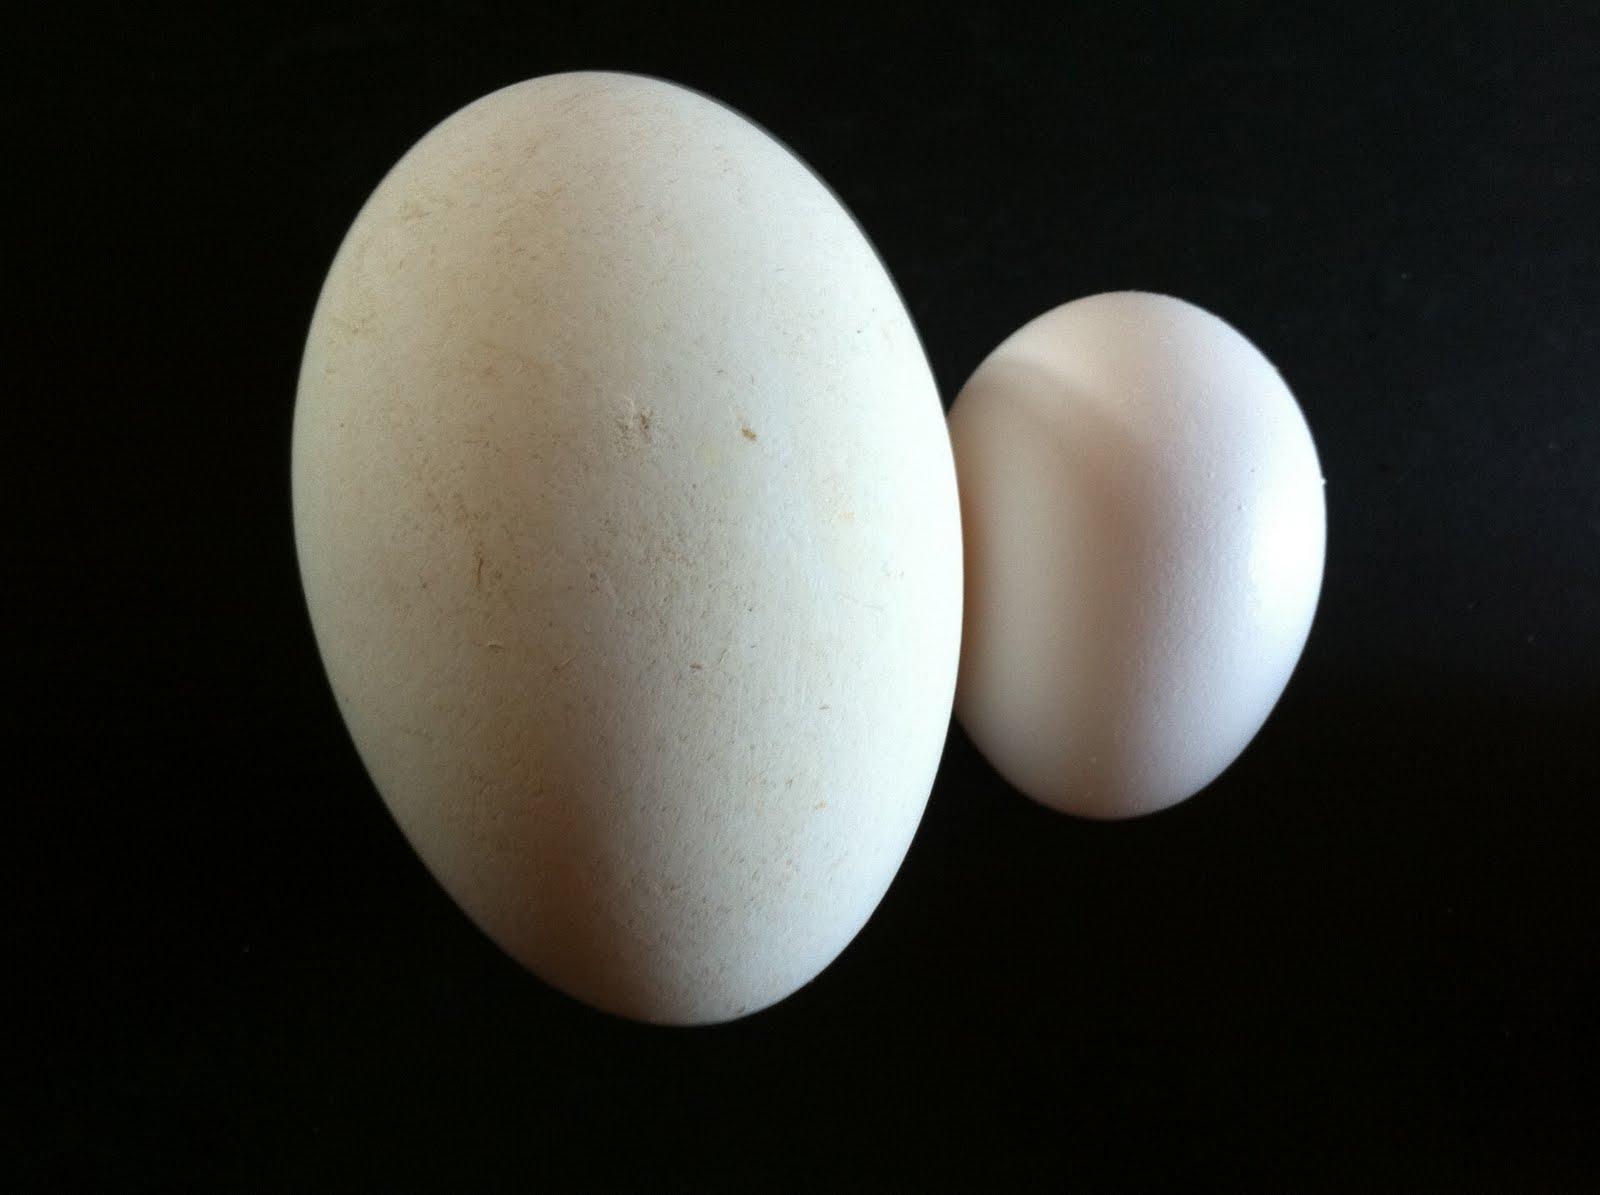 yüksek çözünürlüklü tavuk ve yumurta resmi ariyorum